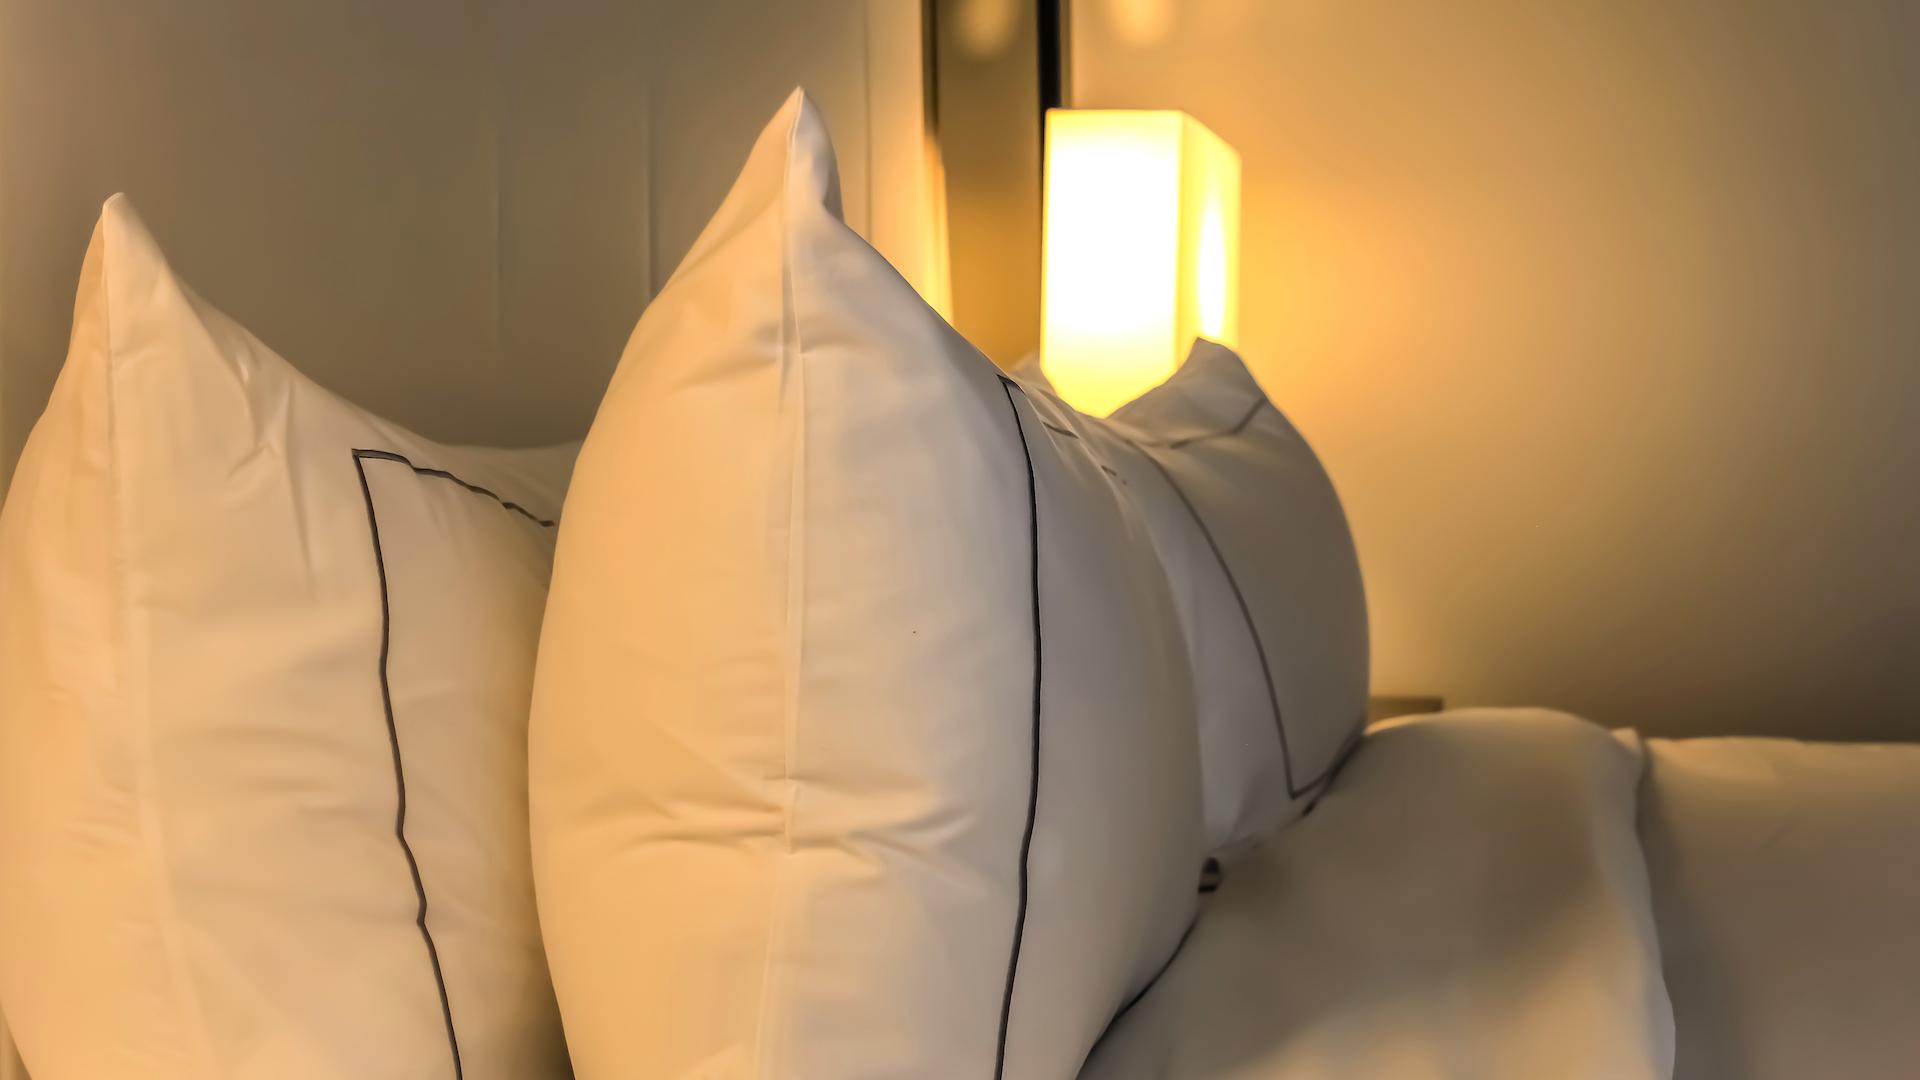 REVIEW Hotel Hilton Aventura: una opción diferente al Miami tradicional